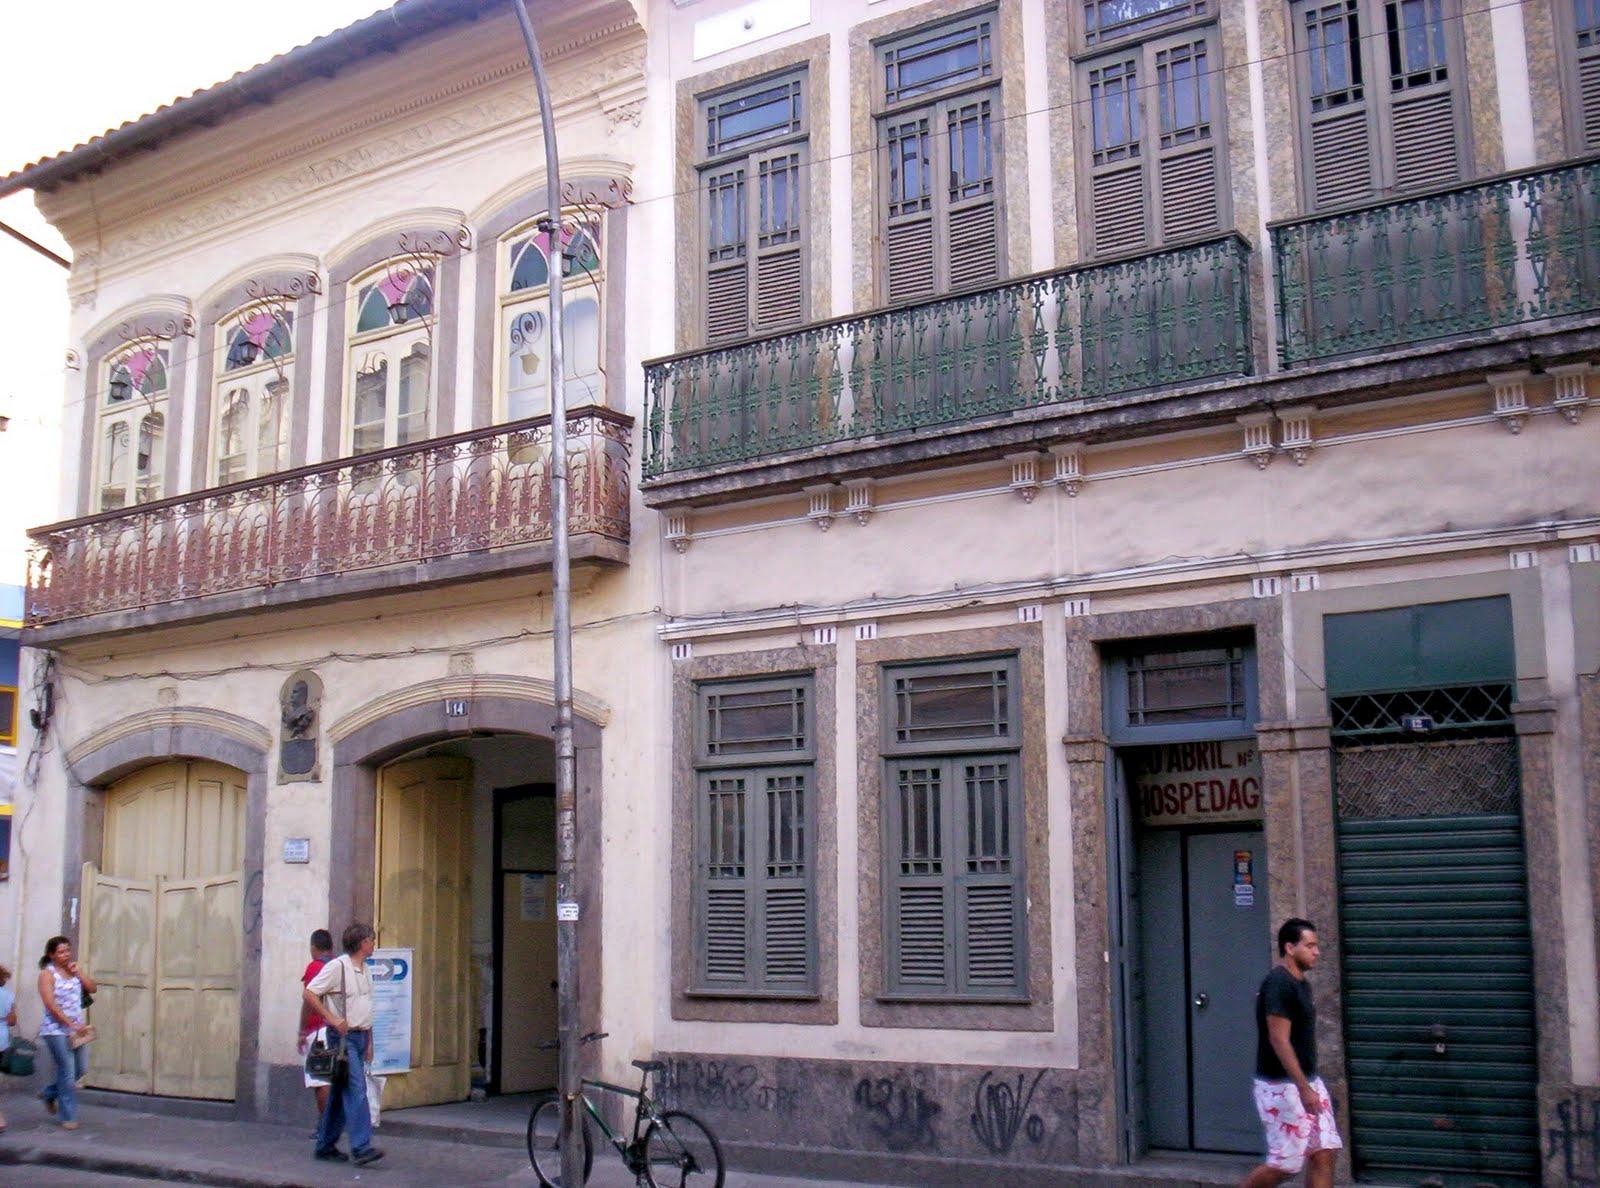 #51527A  Fotos De Janelas Portas Madeira Em Bento Ribeiro Rio Janeiro Tattoos 592 Janelas Em Madeira Rio De Janeiro